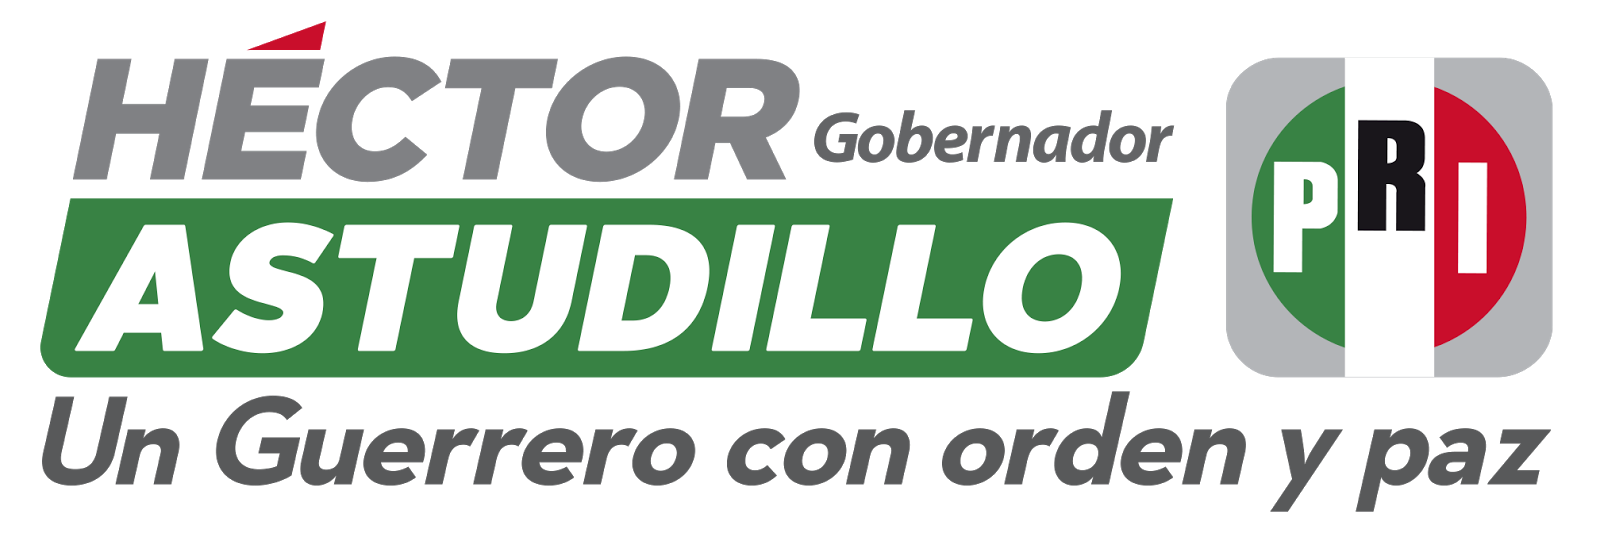 CANDIDATO A GOBERNADOR